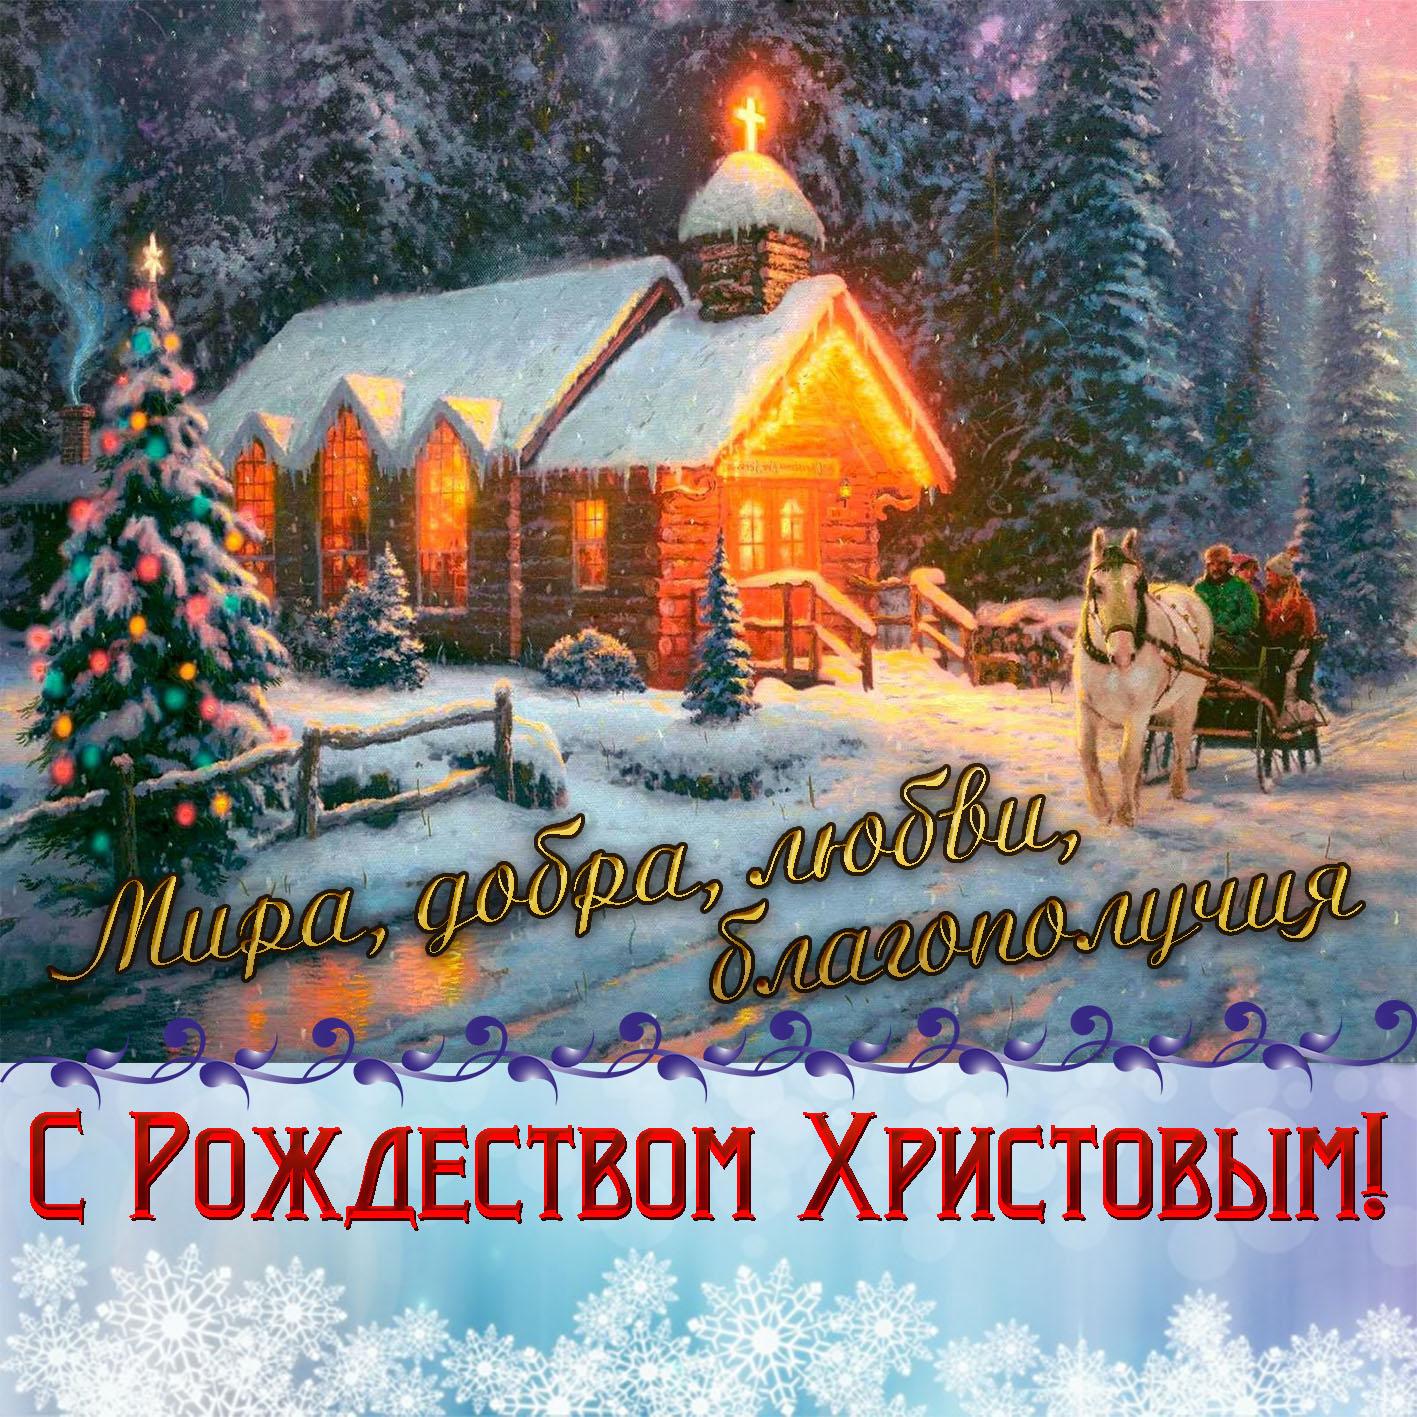 https://bonnycards.ru/images/rozhdestvo/rozhdestvo0019.jpg